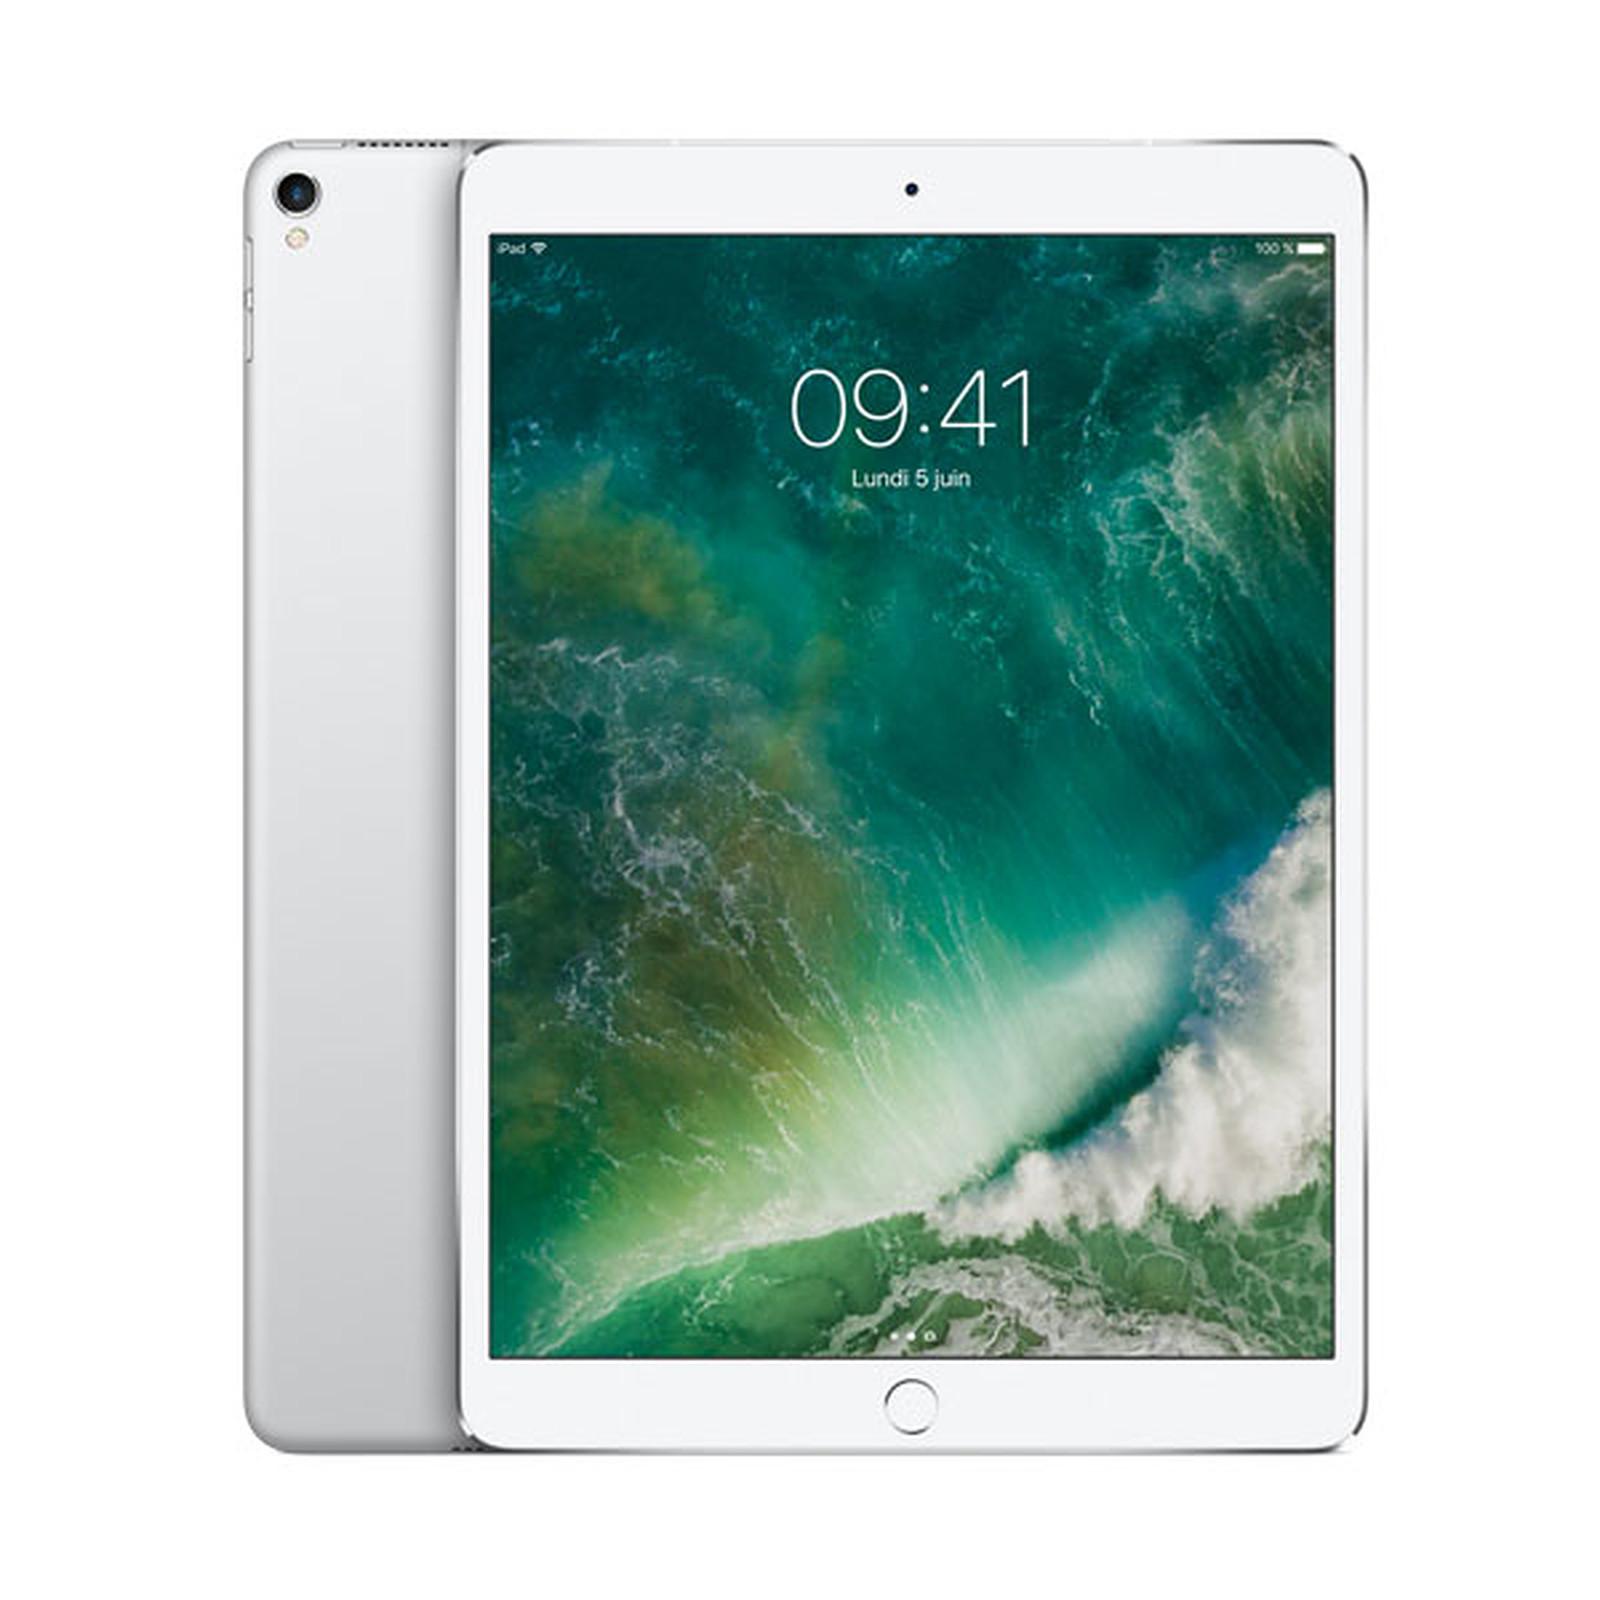 Apple iPad Pro (2017) 10.5 pouces 512 Go Wi-Fi + Cellular Argent